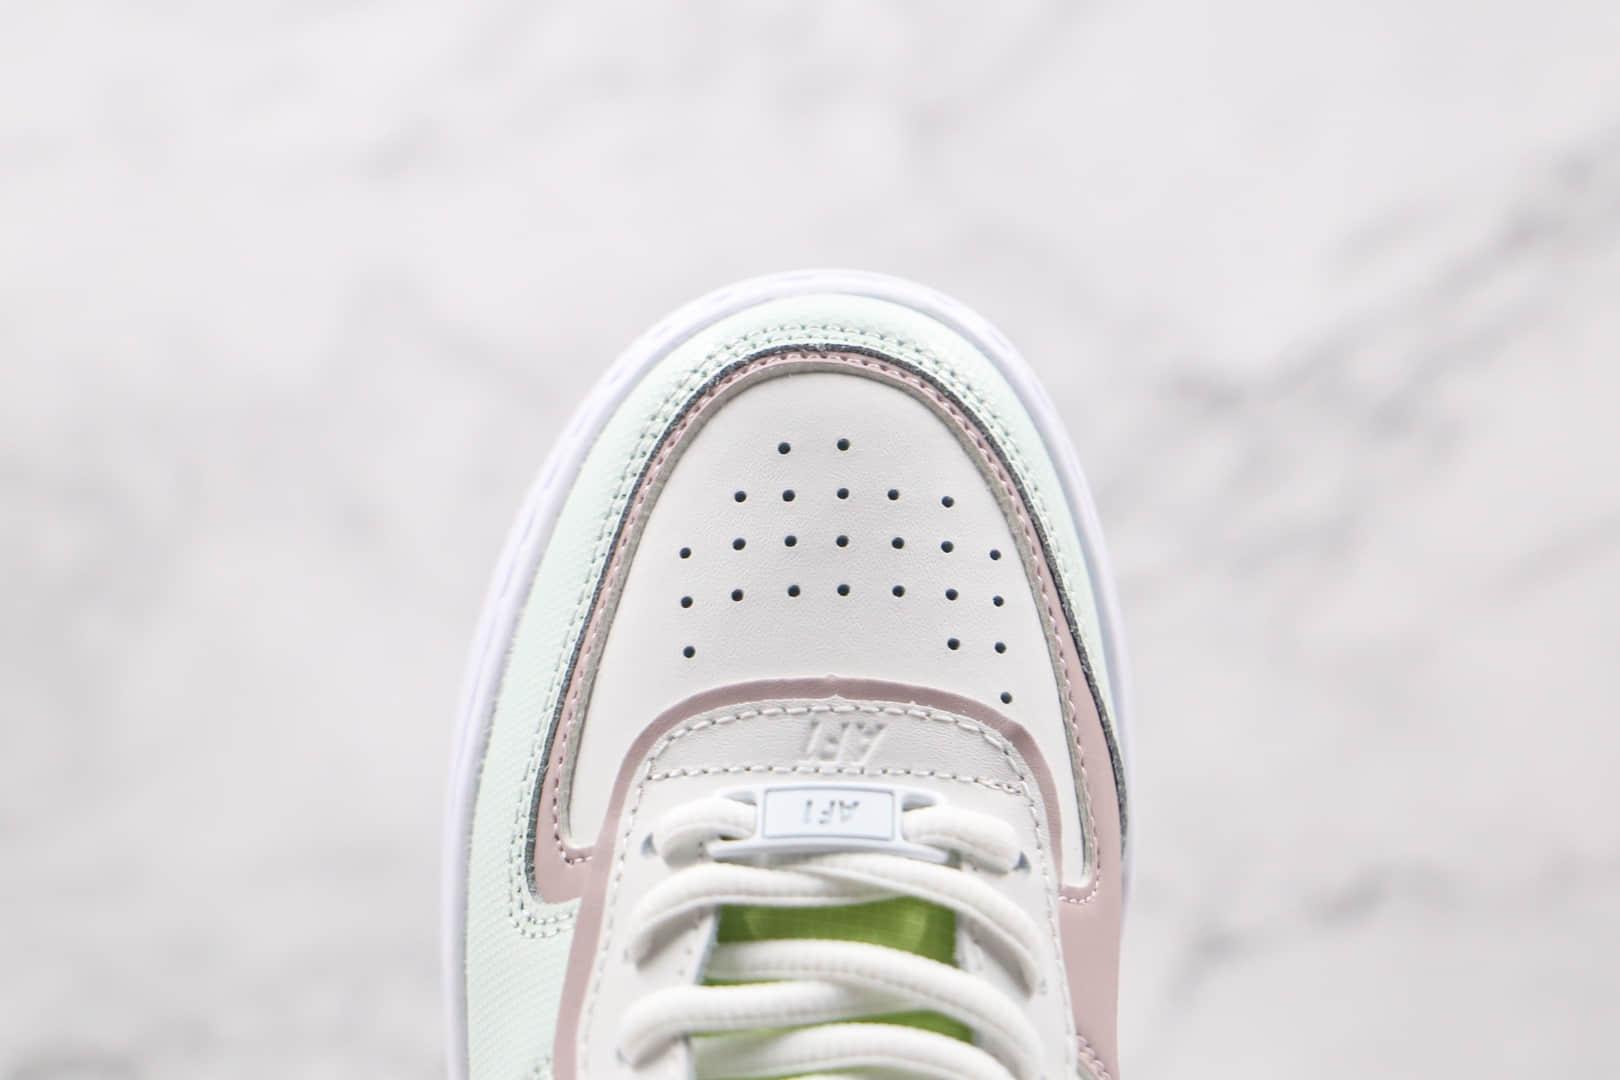 耐克Nike Air Force 1 Shadow纯原版本低帮空军一号马卡龙电玩像素板鞋内置气垫 货号:CV8480-300